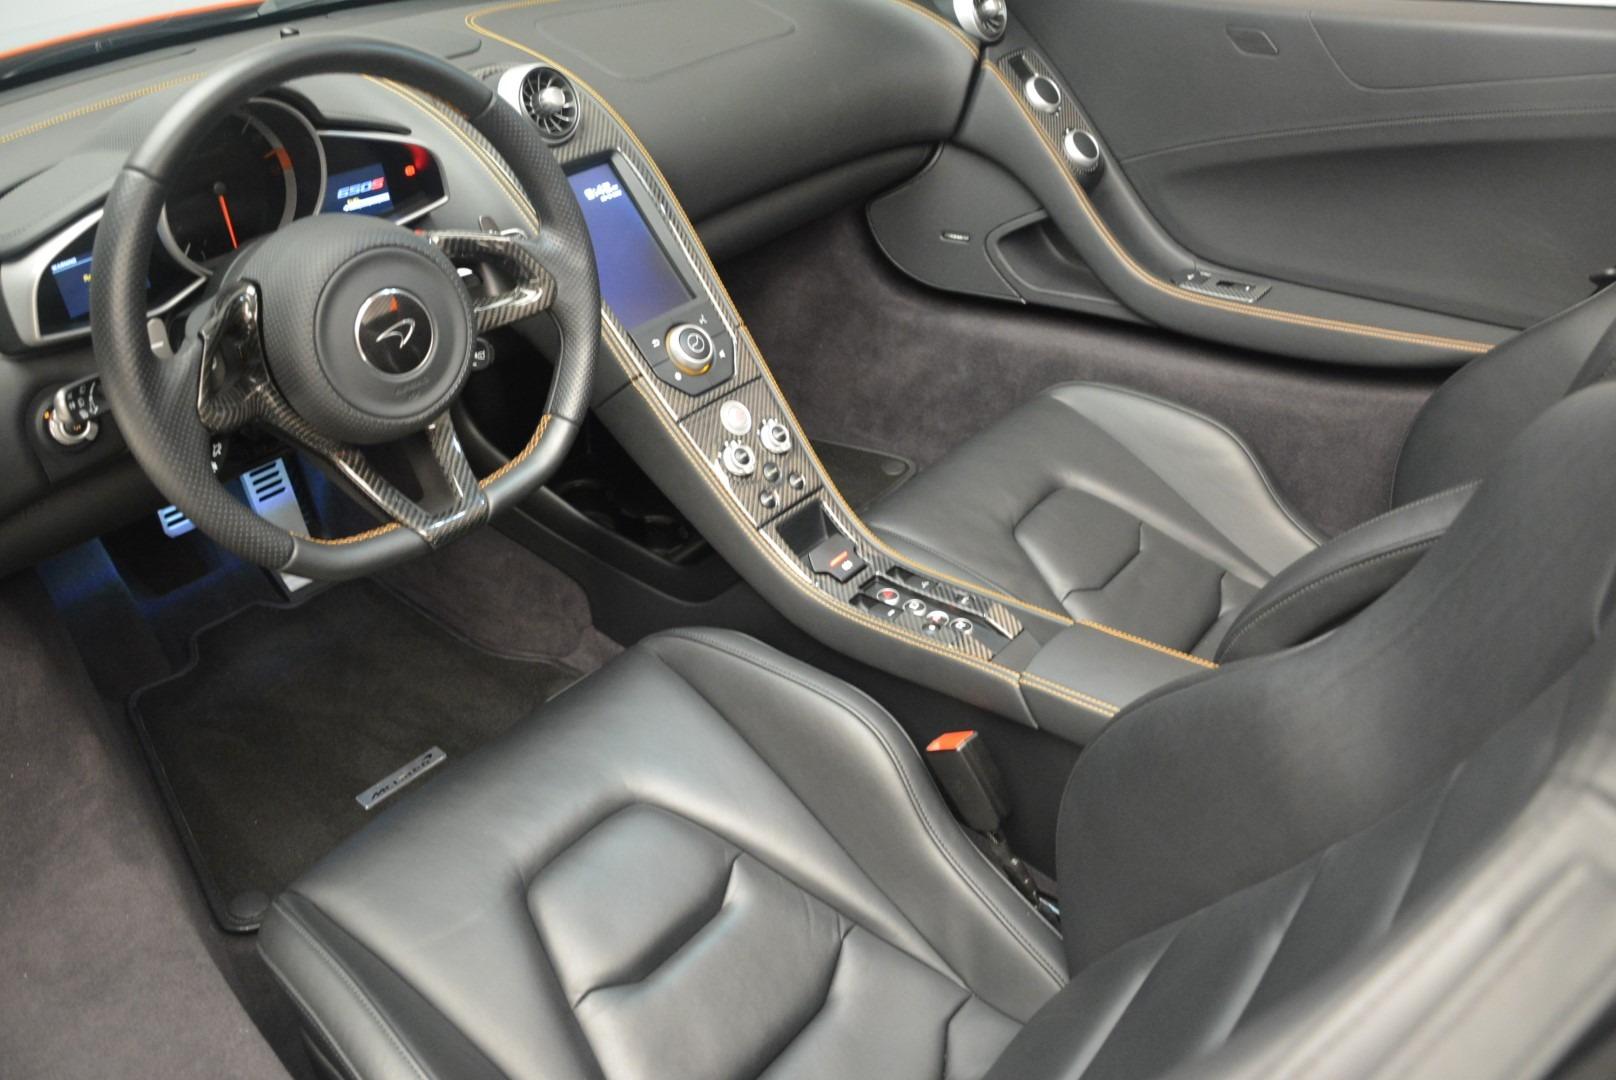 Used 2015 McLaren 650S Spider For Sale In Westport, CT 2338_p22